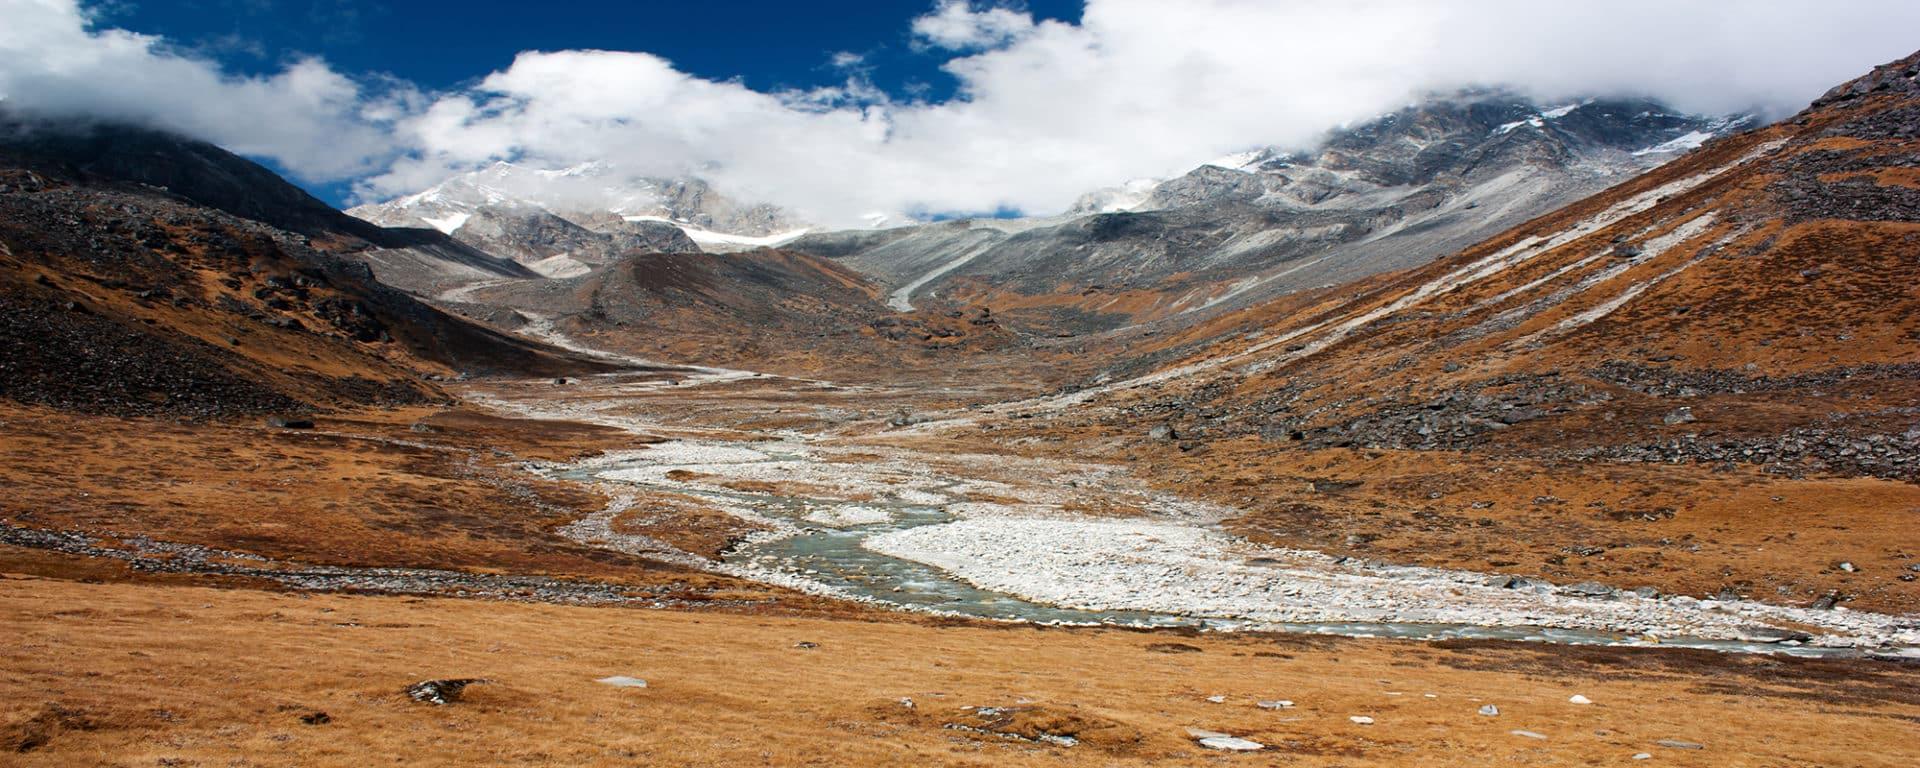 Langtang Ganjala Trek, 16-day program